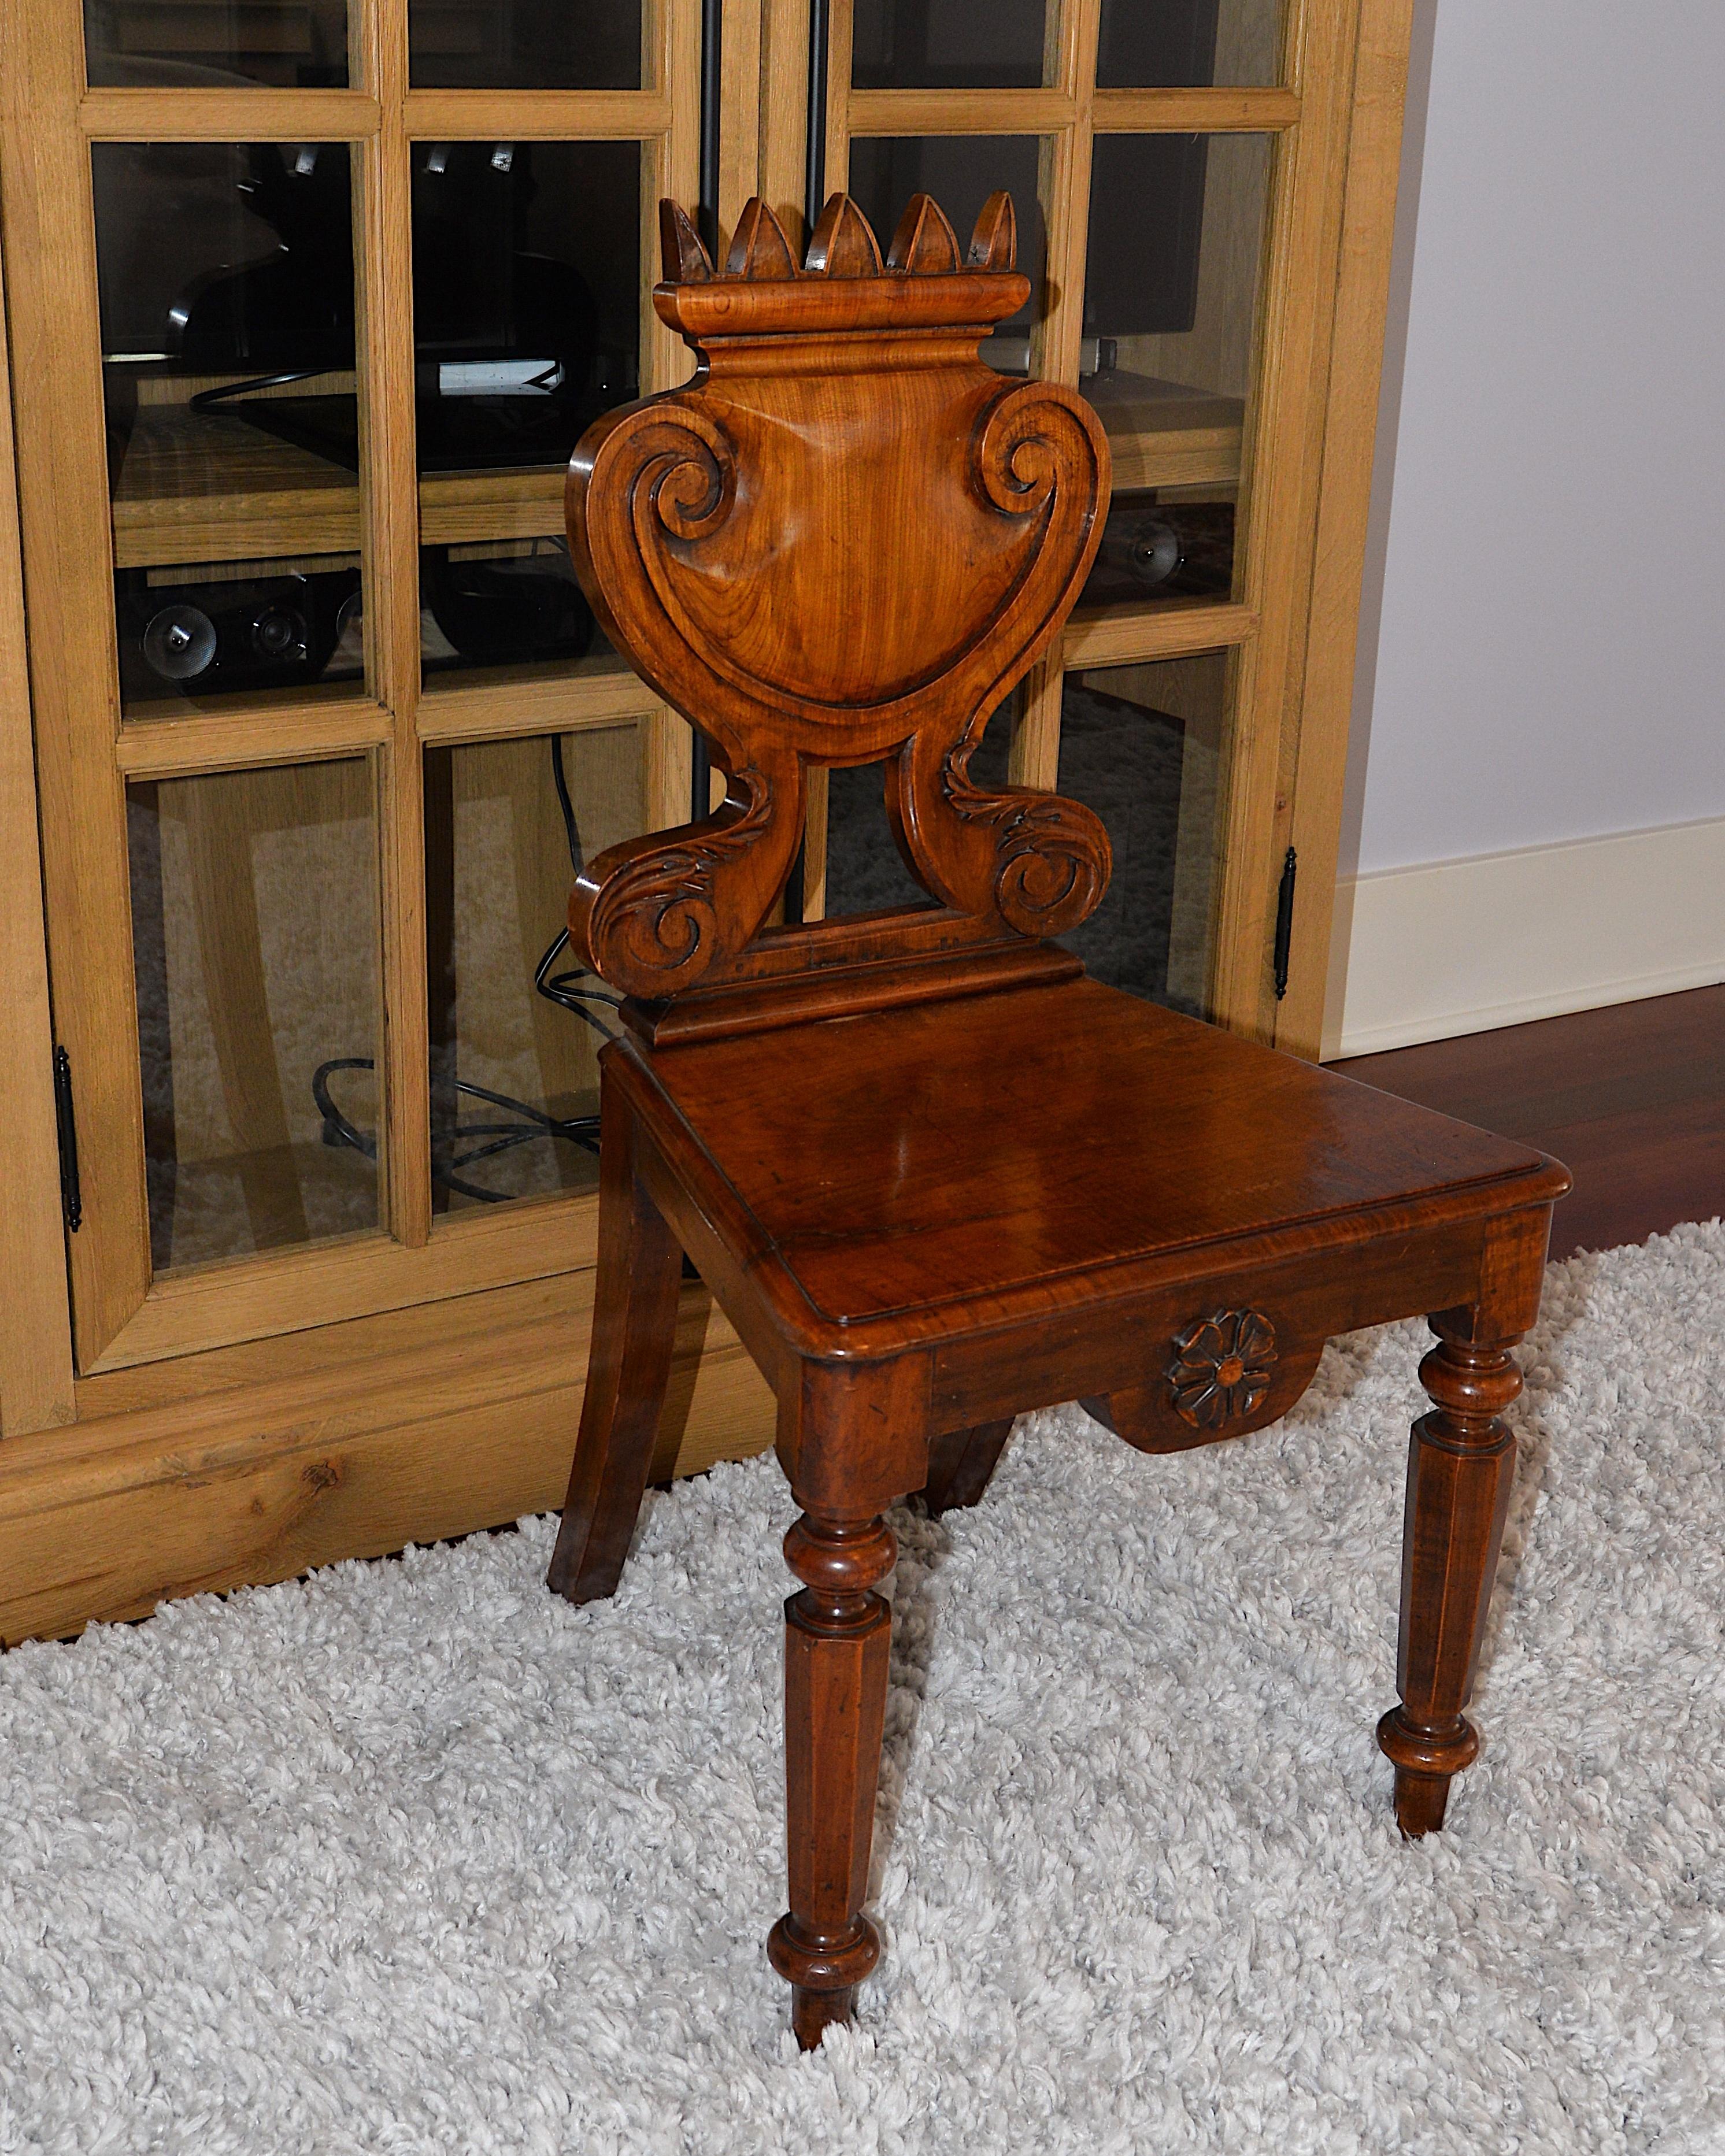 A Tudor rose chair